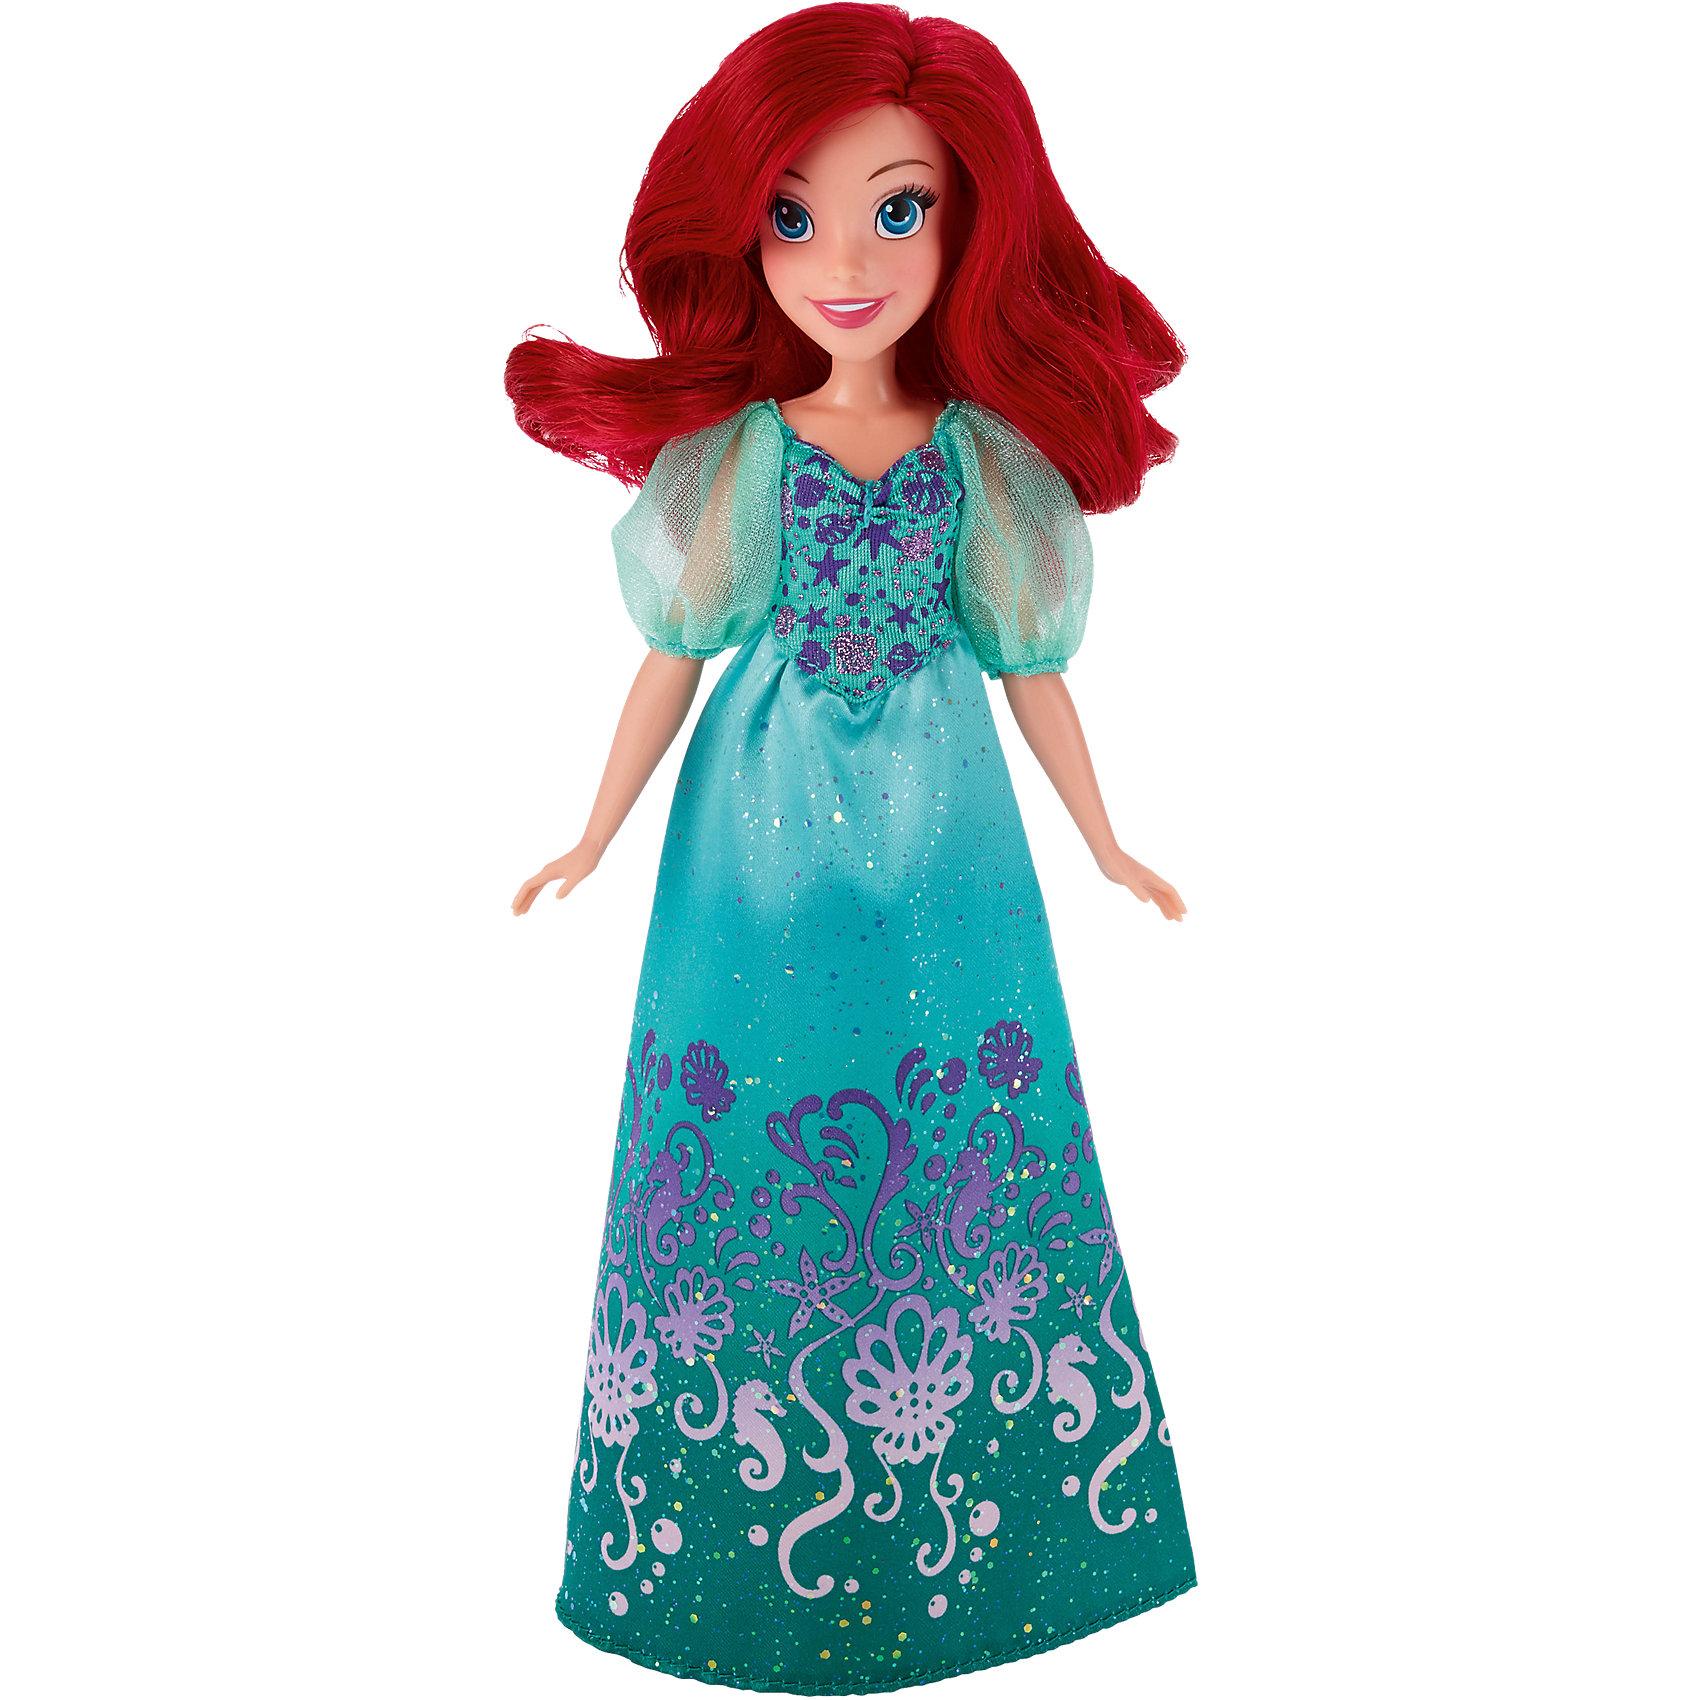 Кукла Ариэль, Принцессы ДиснейКукла Ариэль, Принцессы Дисней, станет прекрасным подарком для всех маленьких поклонниц диснеевских сказок. Кукла очень похожа на свою героиню из популярного мультфильма Русалочка. У нее длинные ярко-красные волосы, которые можно причесывать и укладывать в различные прически, и красивое веселое личико. На Ариэль надето роскошное платье в зеленых тонах, украшенное блестками и изысканными узорами на морскую тематику. Наряд дополняют полупрозрачные зеленые туфельки в тон платья. У куклы подвижные руки, ноги и голова, что позволяет придавать ей реалистичные позы. Очаровательная кукла прекрасно дополнит коллекцию диснеевских принцесс.<br><br>Дополнительная информация:<br><br>- Материал: пластик, текстиль.<br>- Высота куклы: 28 см.<br>- Размер упаковки: 15 x 5 x 36 см.<br>- Вес: 0,31 кг.<br><br>Куклу Ариэль, Принцессы Дисней, можно купить в нашем интернет-магазине.<br><br>Ширина мм: 324<br>Глубина мм: 154<br>Высота мм: 53<br>Вес г: 173<br>Возраст от месяцев: 36<br>Возраст до месяцев: 72<br>Пол: Женский<br>Возраст: Детский<br>SKU: 4443703